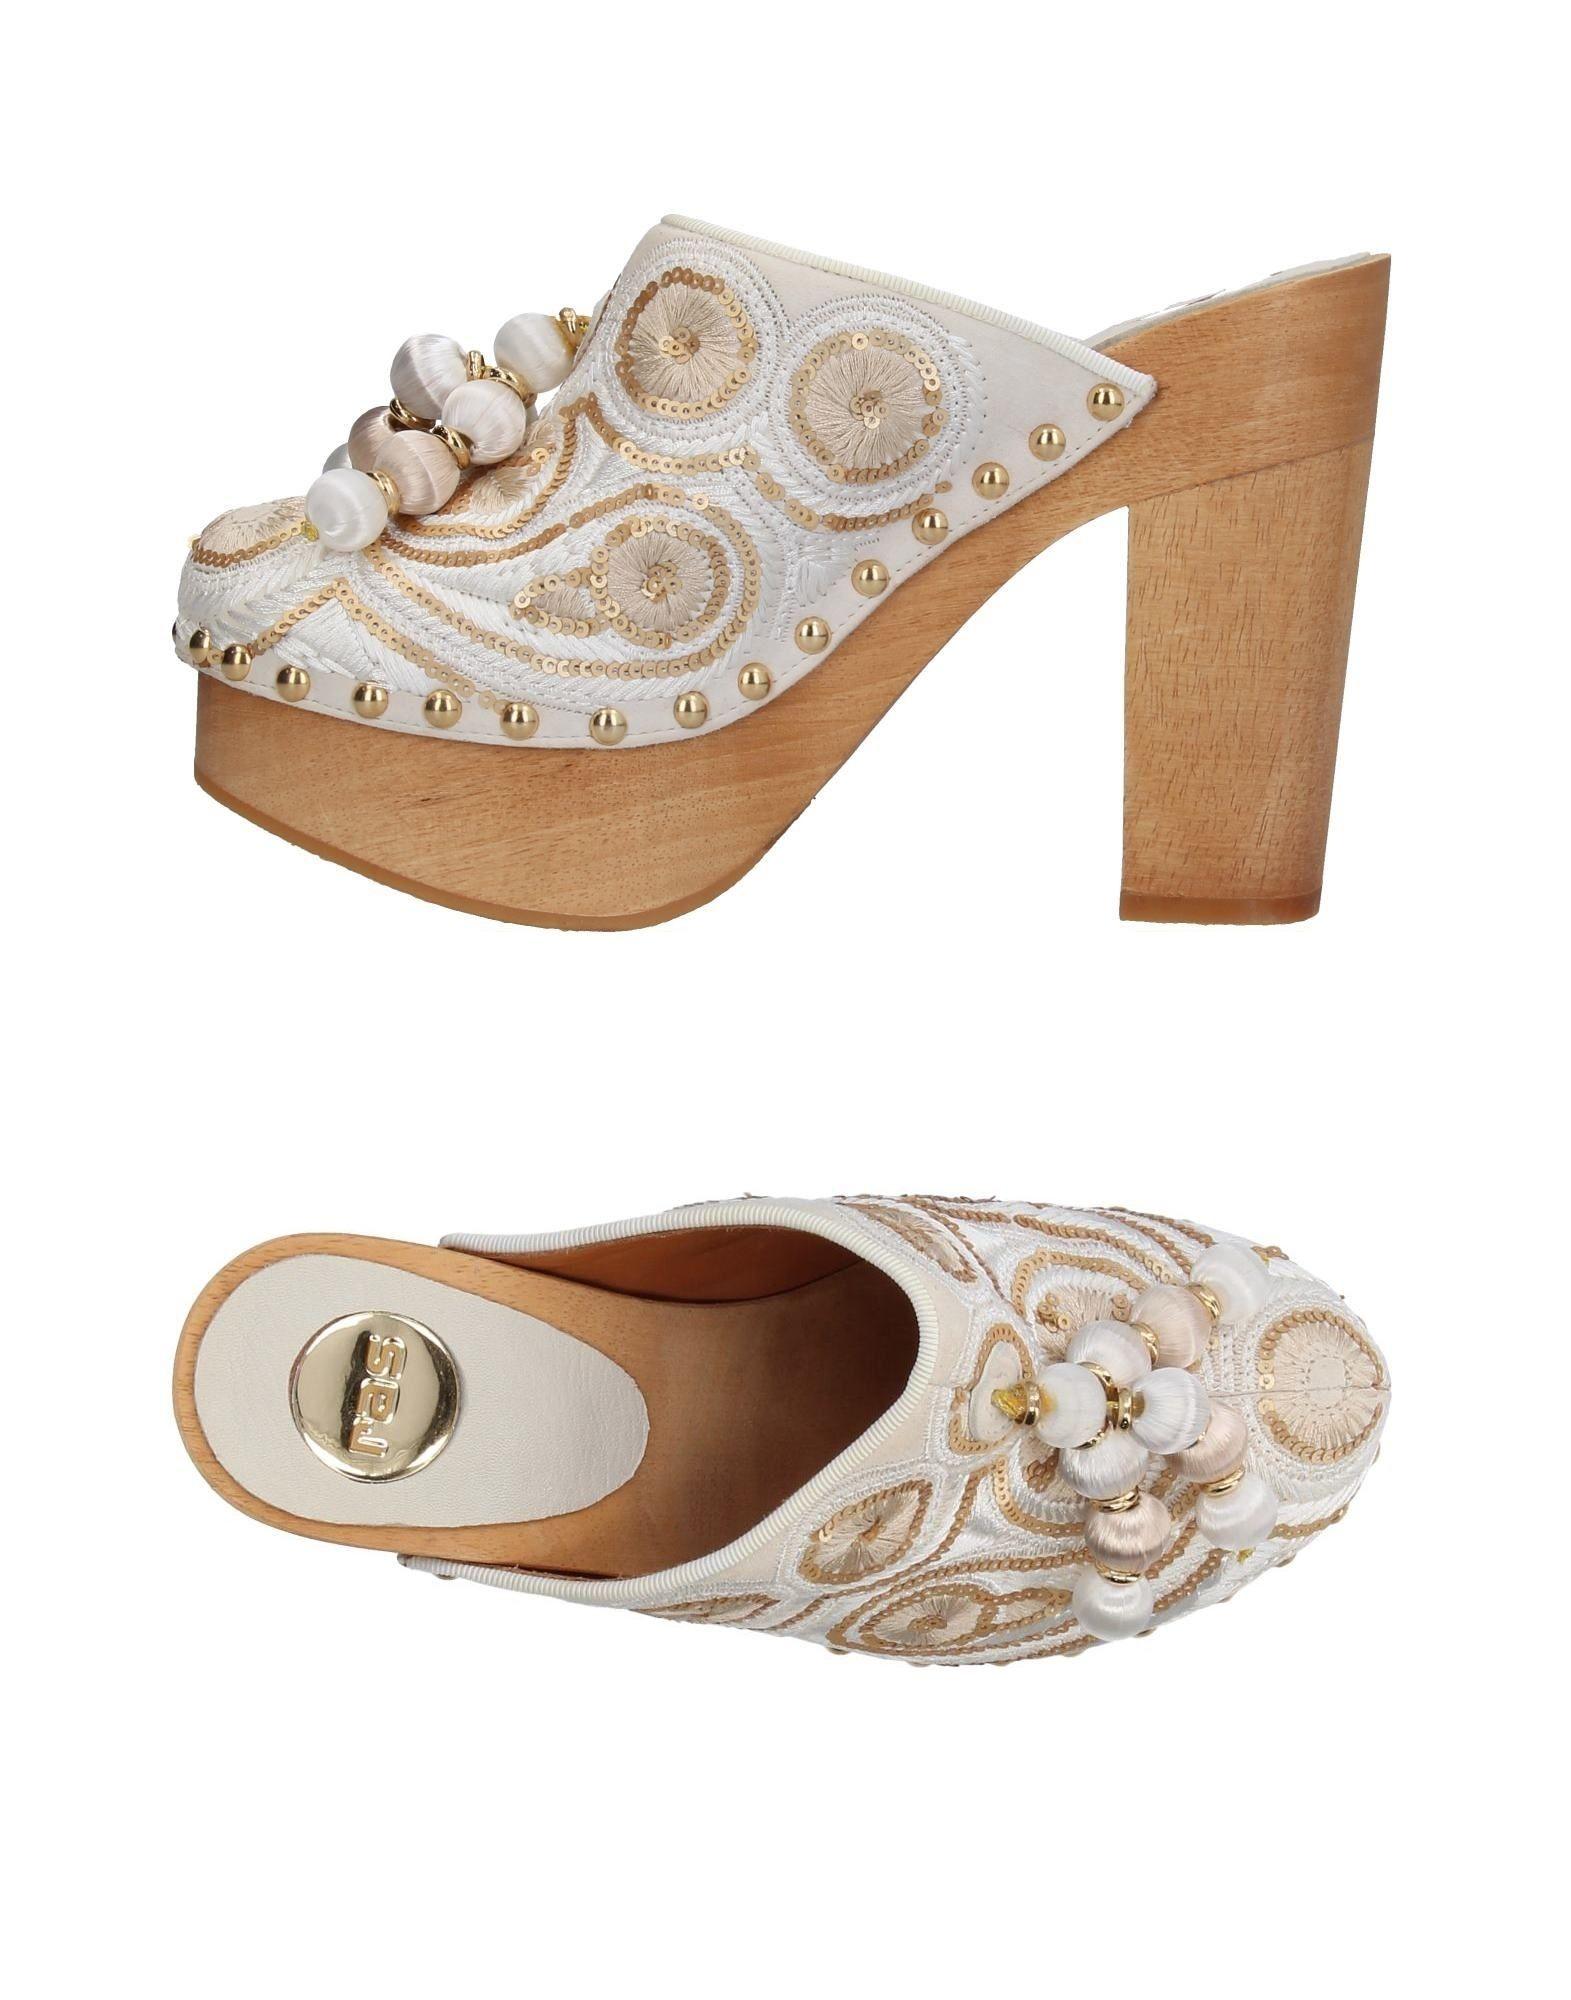 Gut um Pantoletten billige Schuhe zu tragenRas Pantoletten um Damen  11408516JG 9f2d72